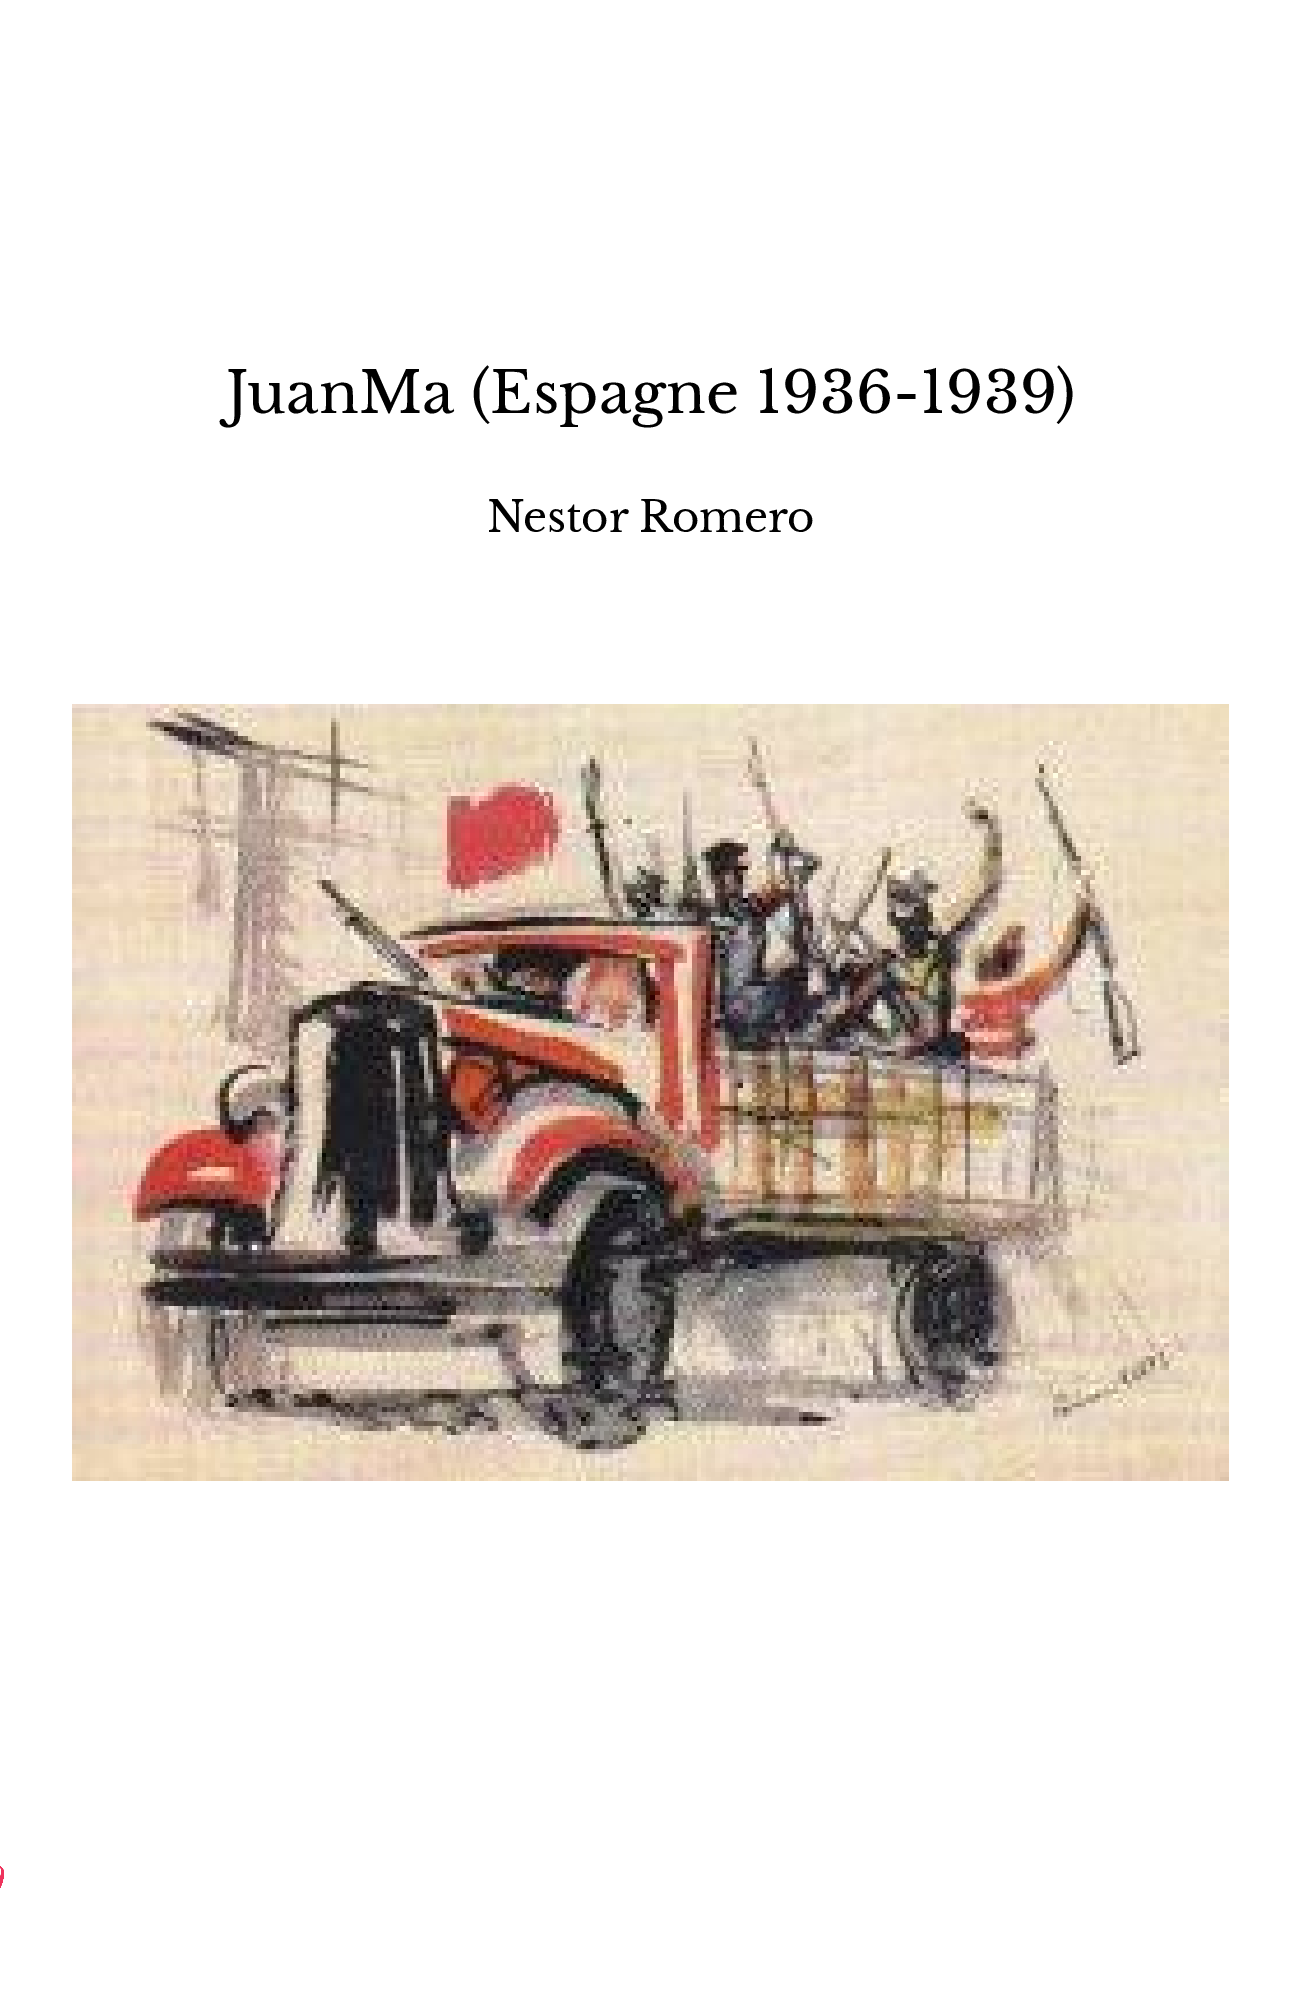 JuanMa (Espagne 1936-1939)